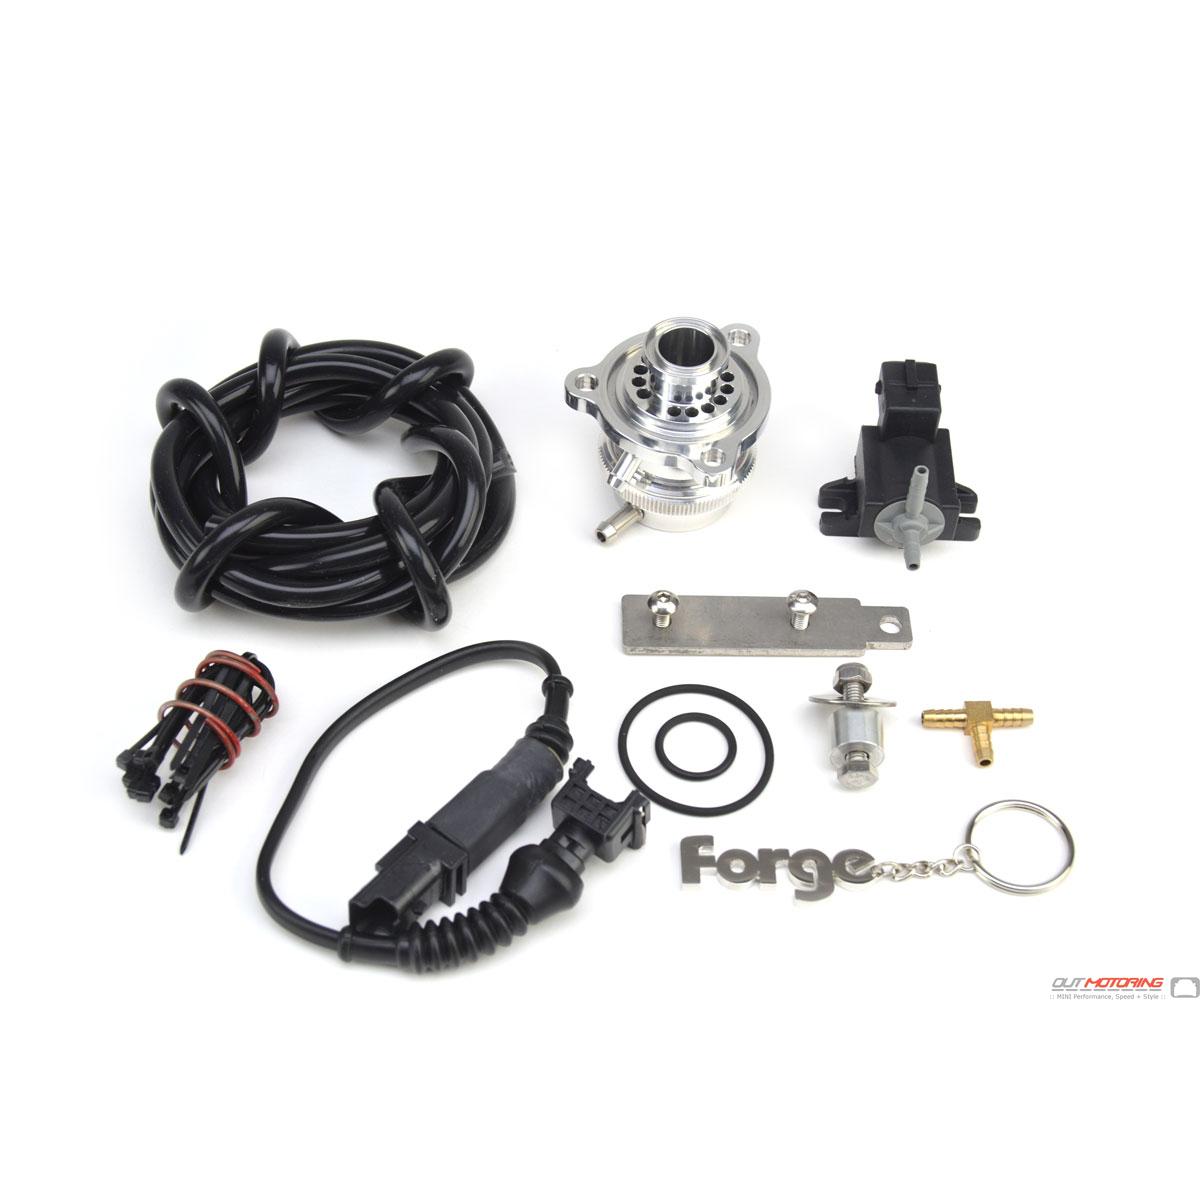 MINI Cooper S Forge Turbo Valve Kit- N18 2011-2016